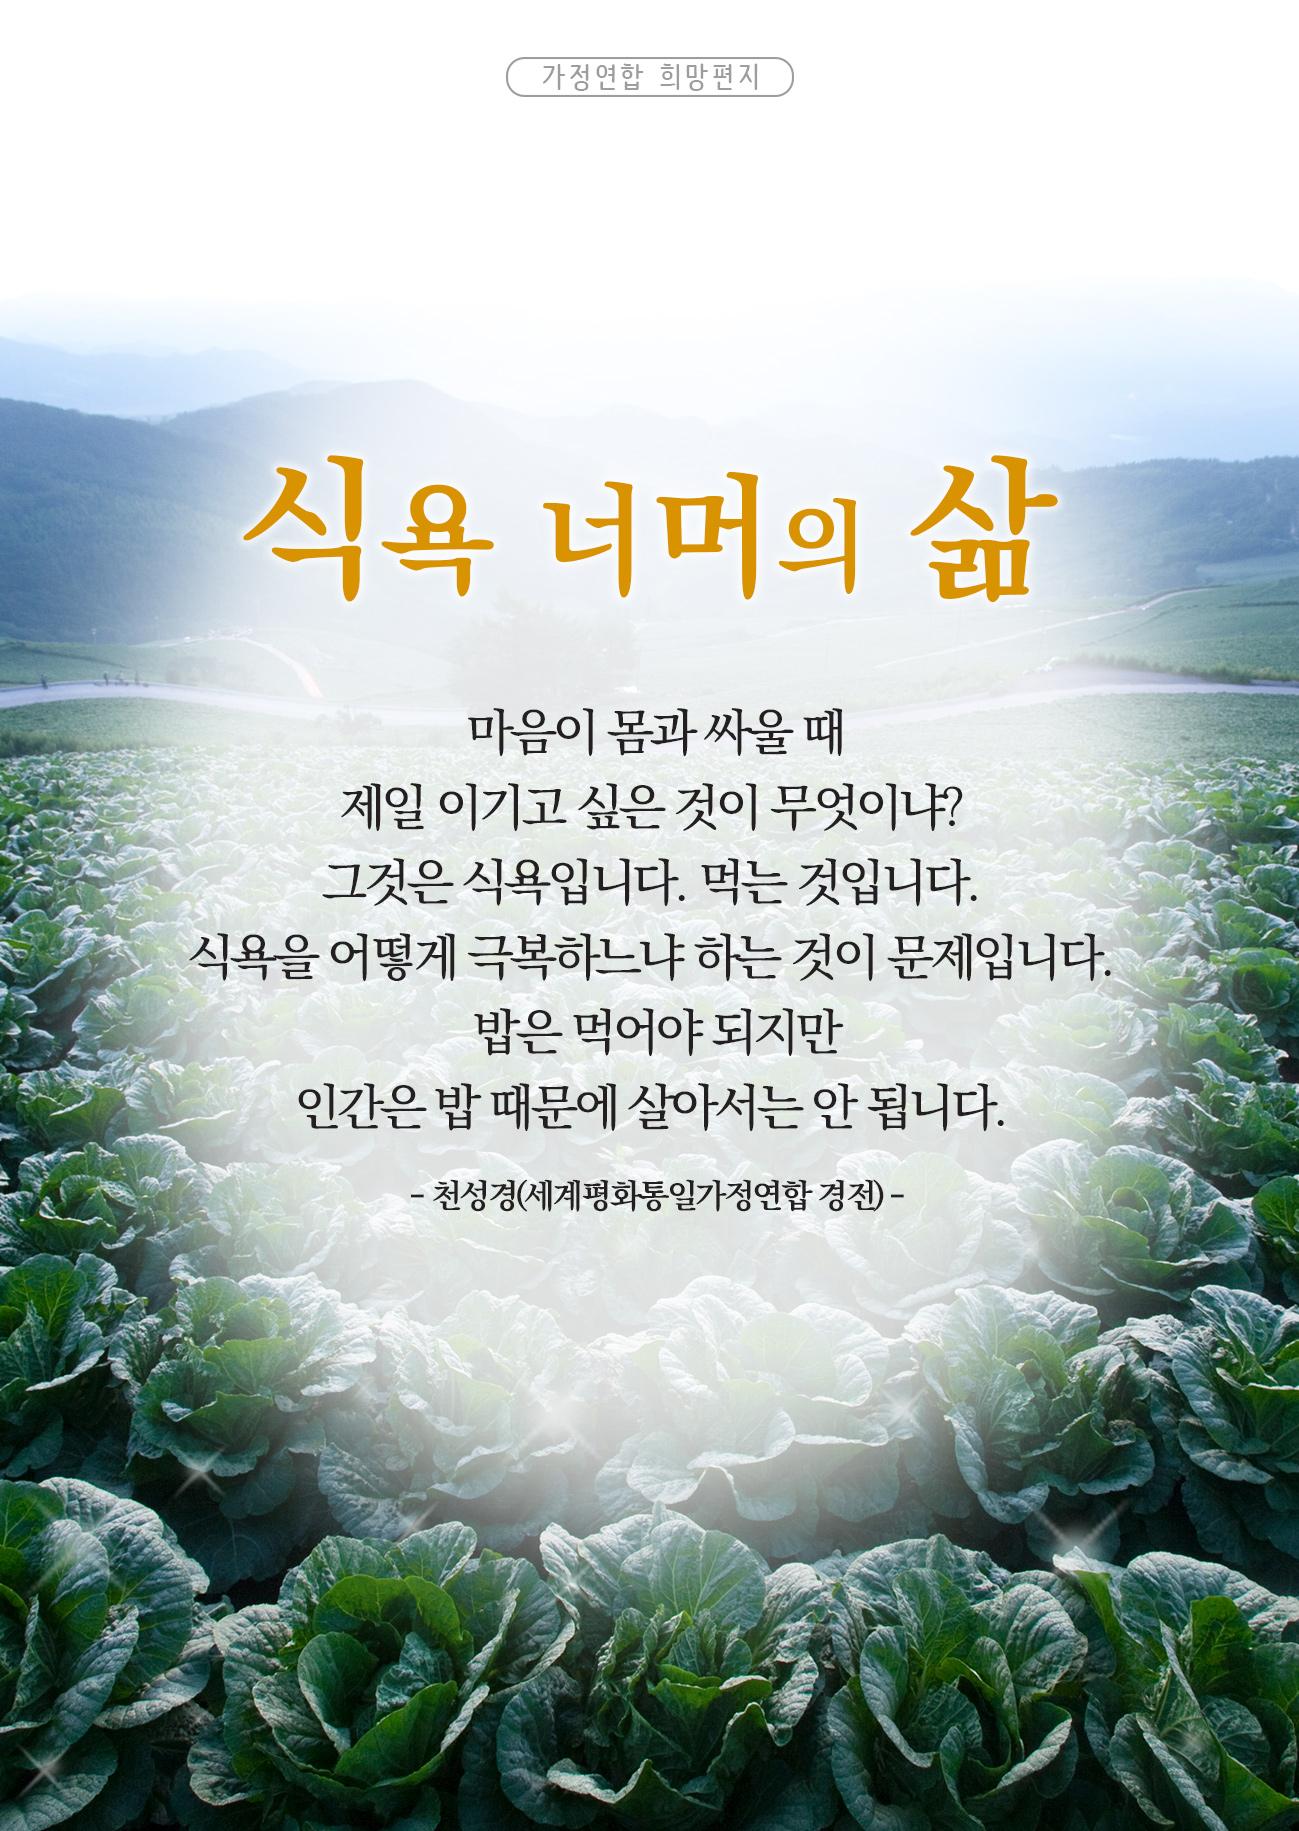 [22편] 식욕너머의 삶